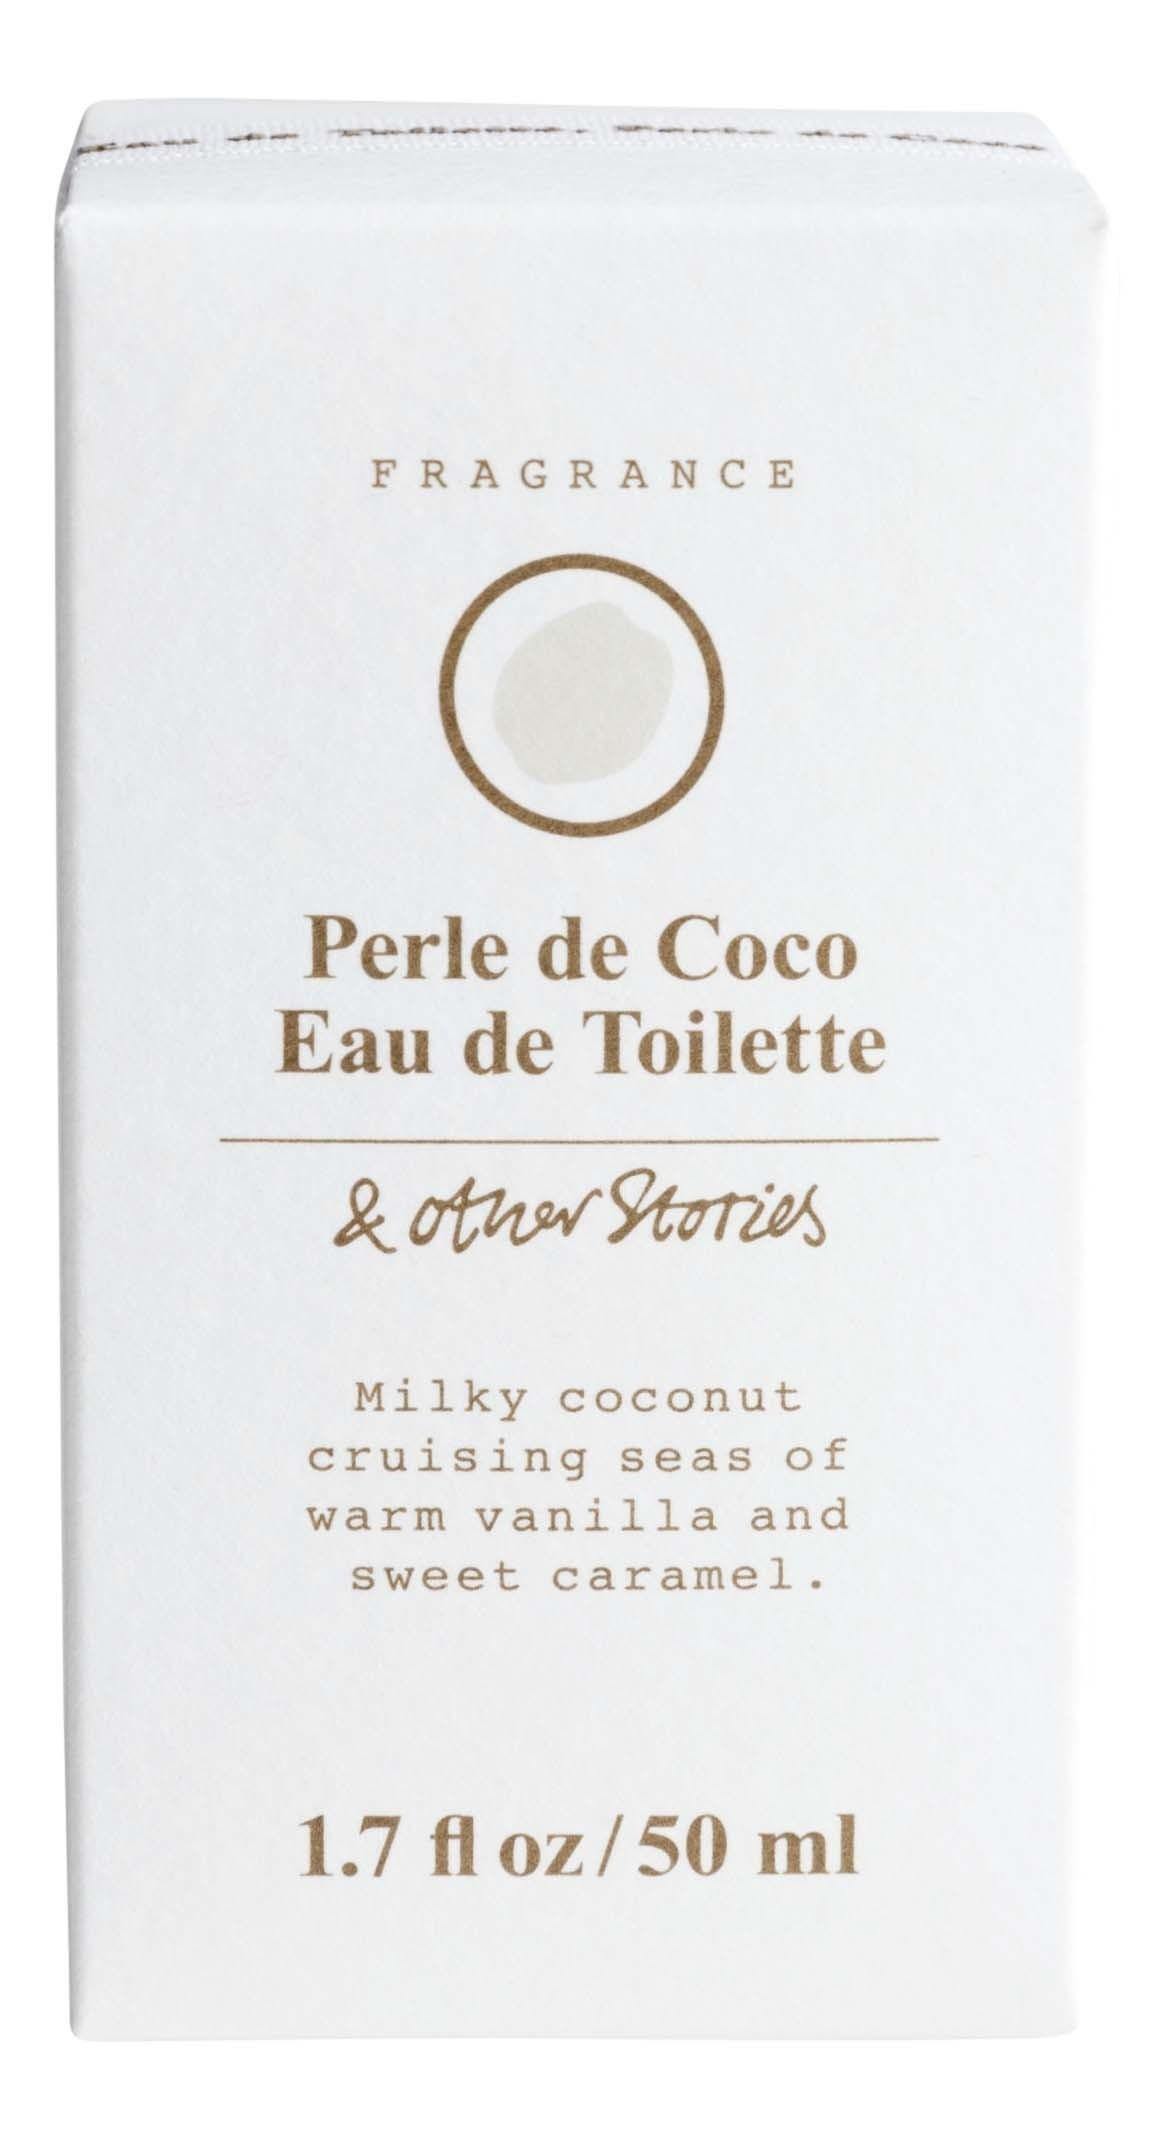 & Other Stories - Perle de Coco Eau de Toilette | Reviews